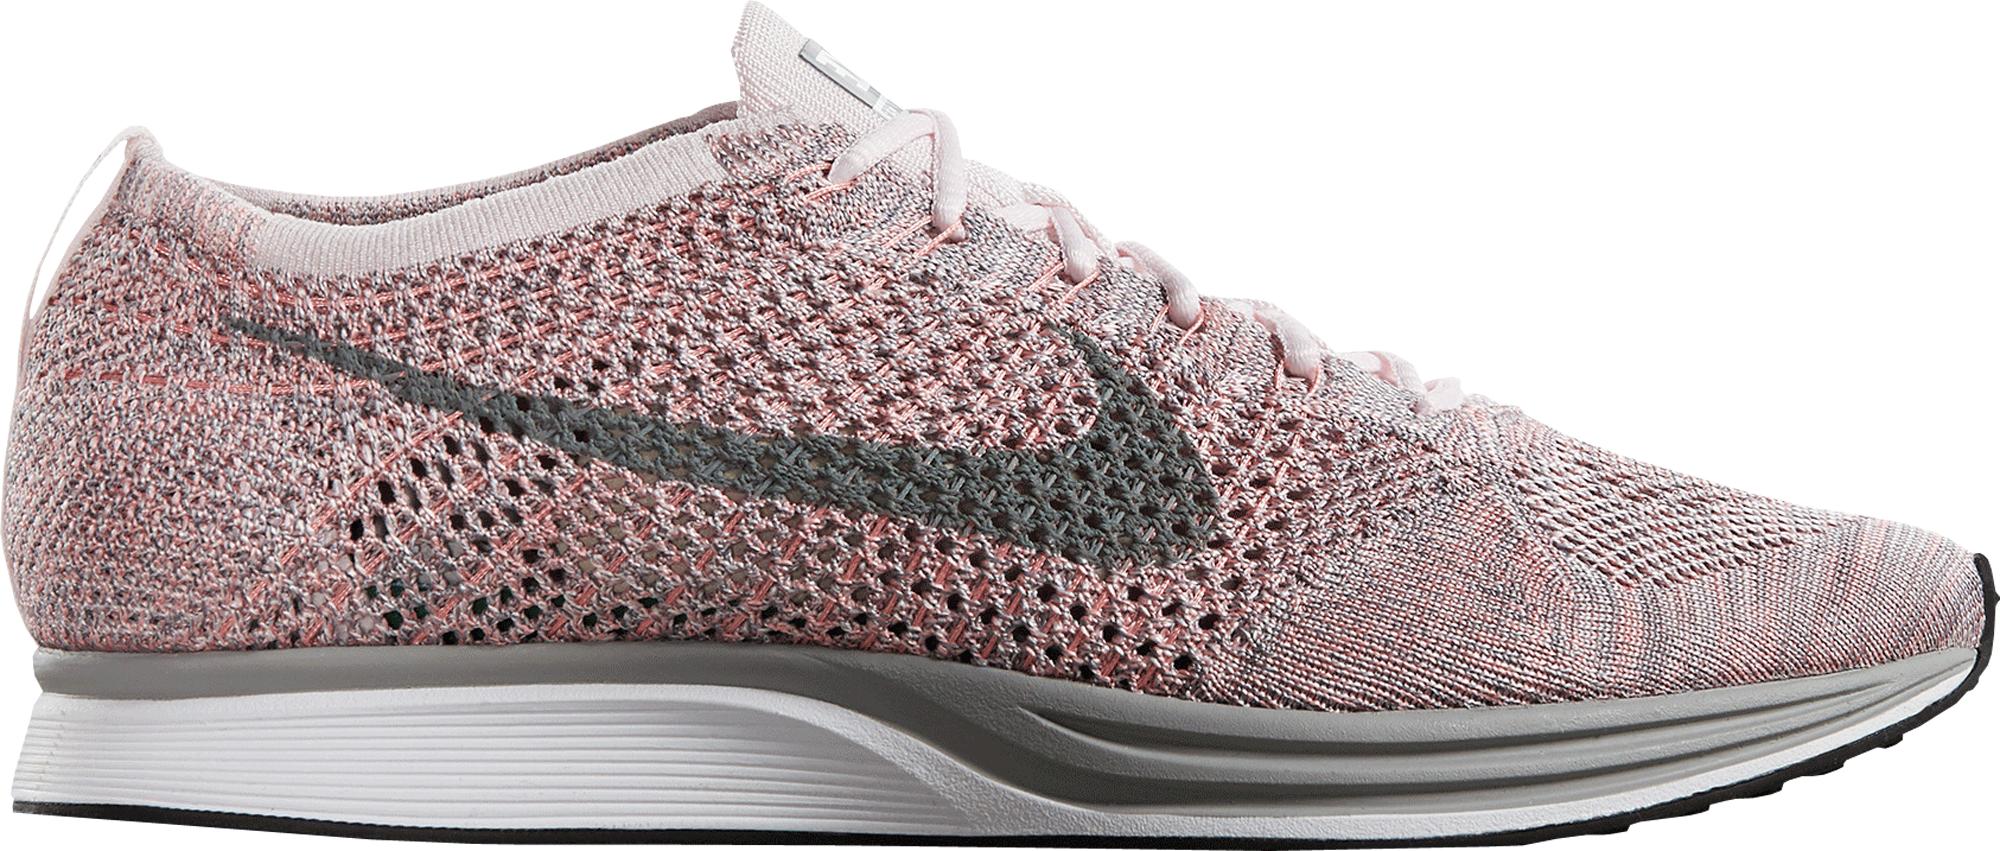 Nike Flyknit Racer Strawberry